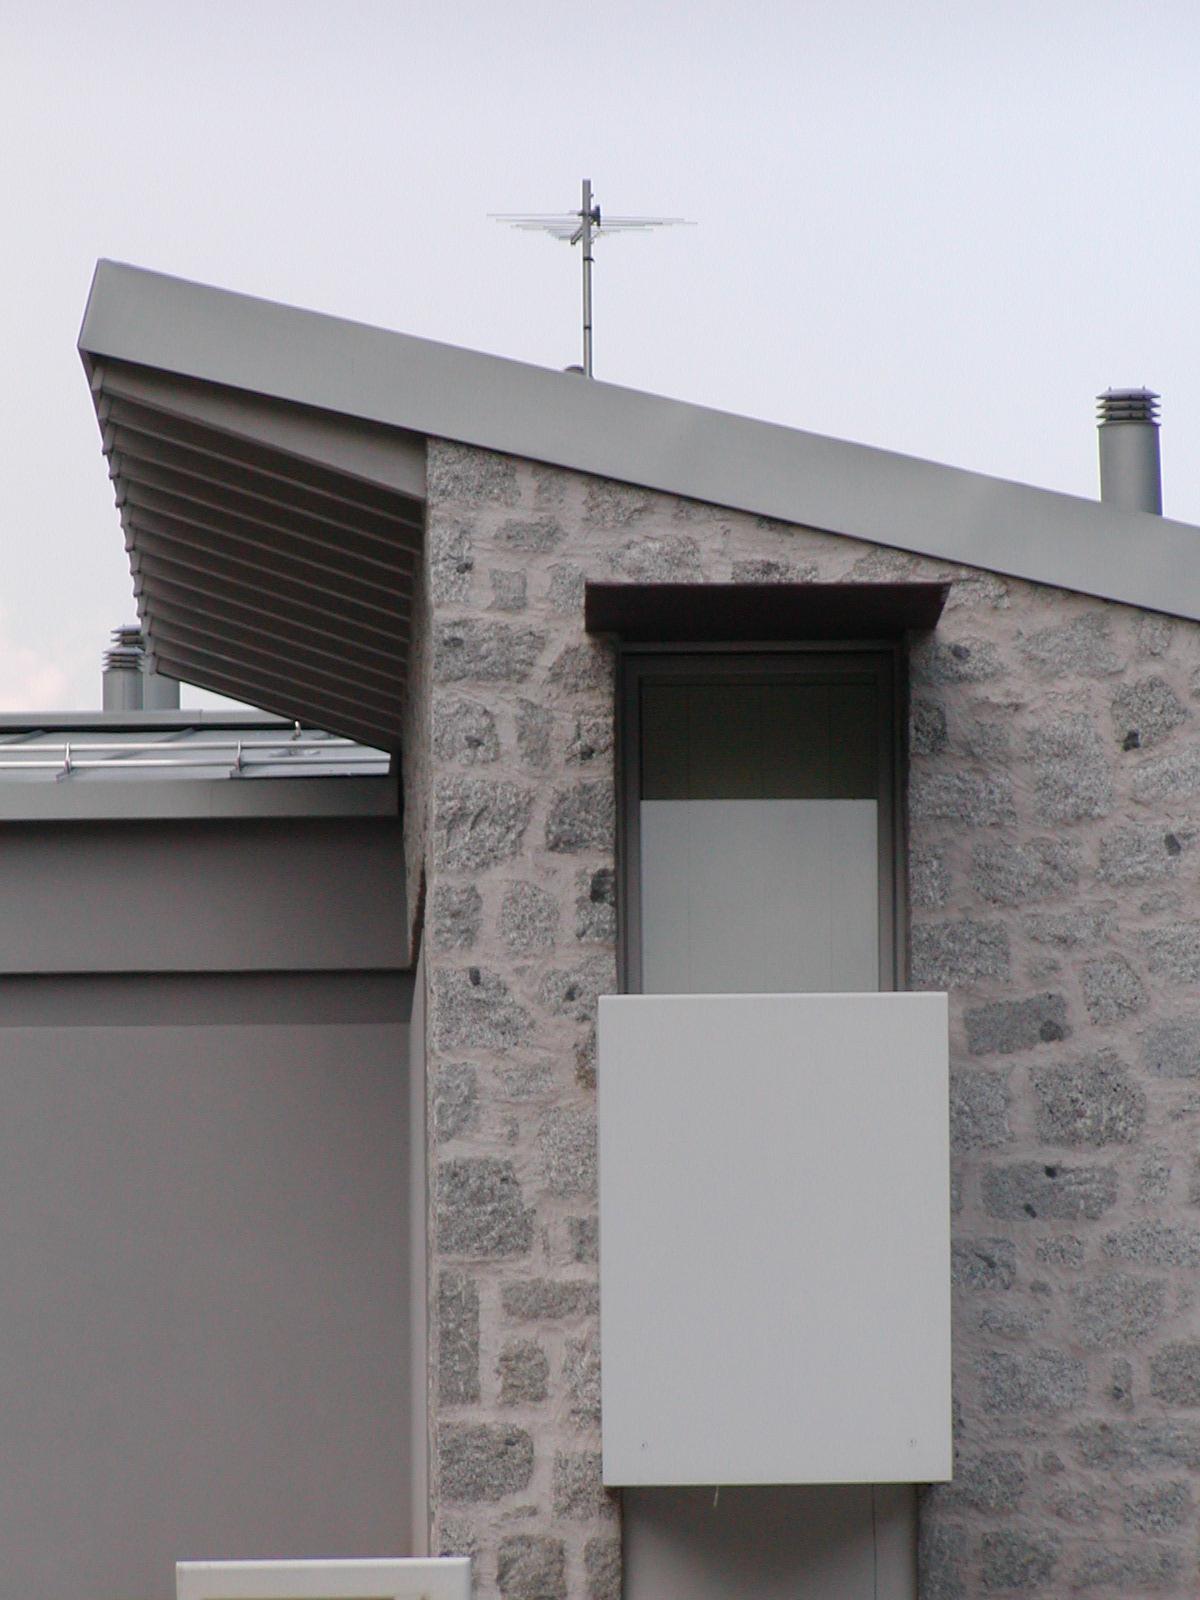 Studio-di-architettura-Baisotti-Sigala-prgetti100